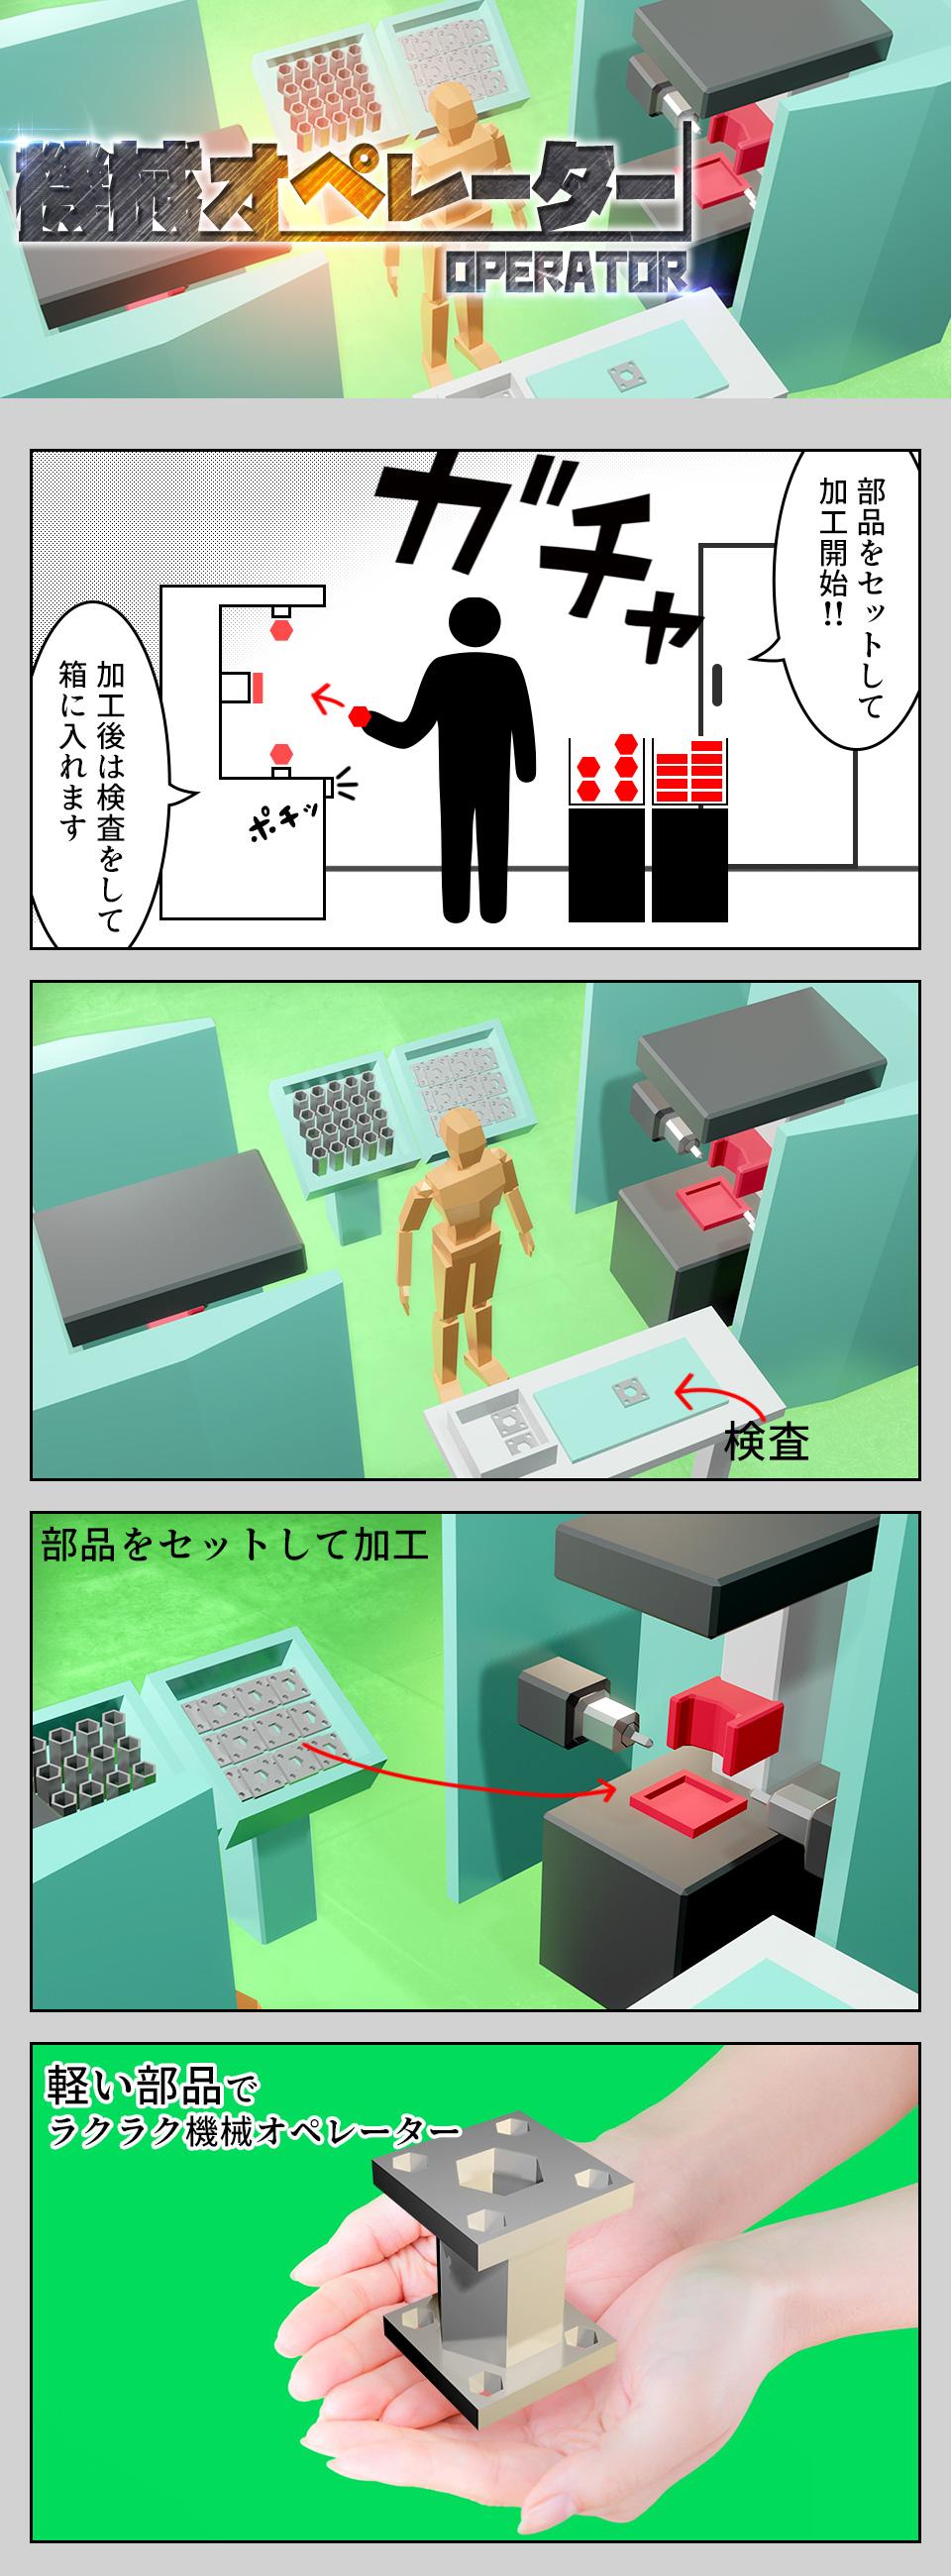 自動車部品の加工機械オペレーター 愛知県みよし市の派遣社員求人